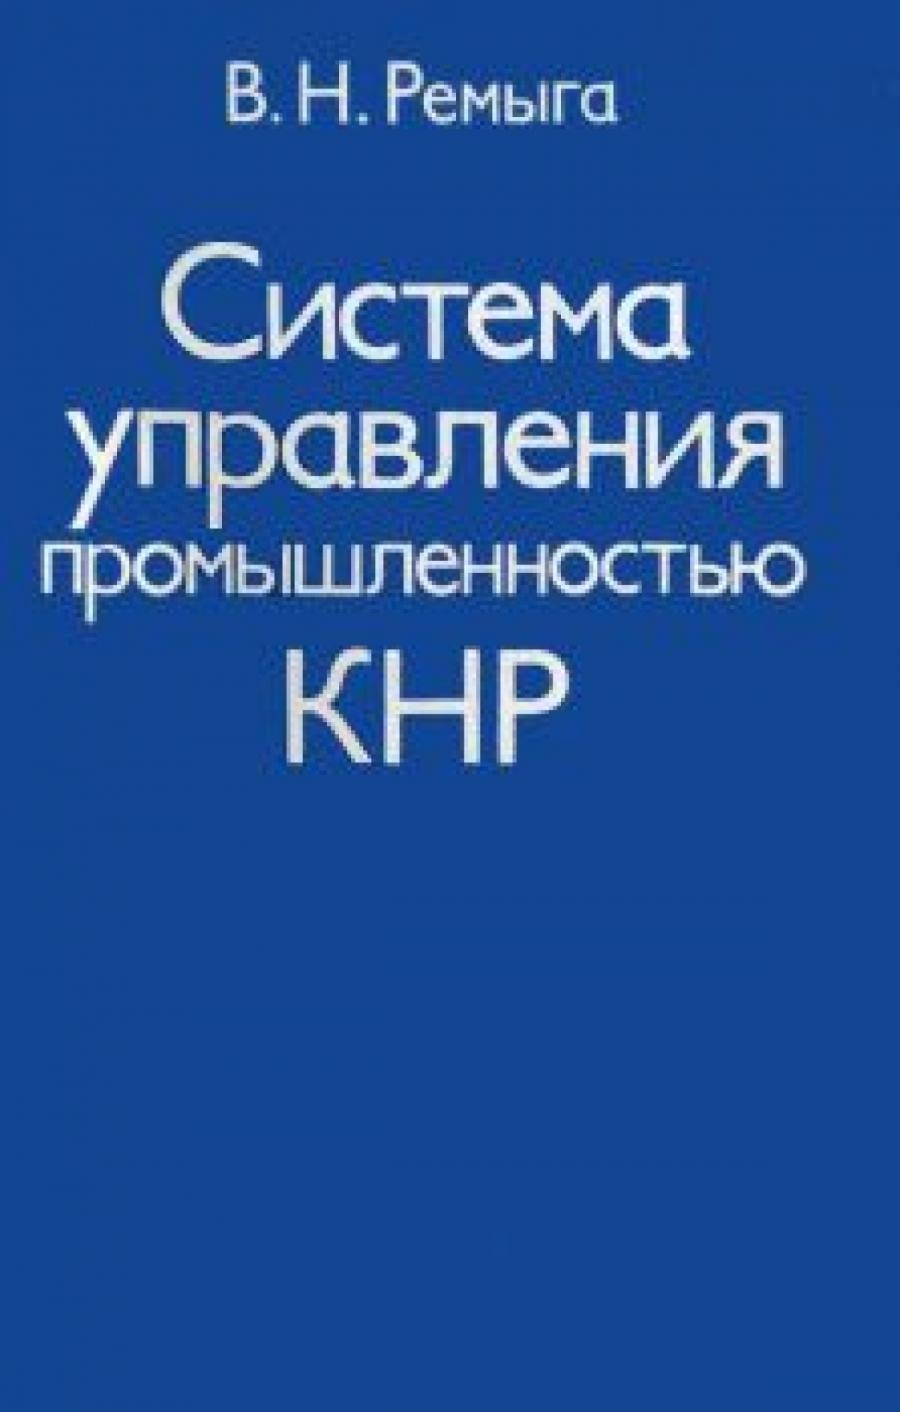 Обложка книги:  ремыга в. н. - система управления промышленностью кнр